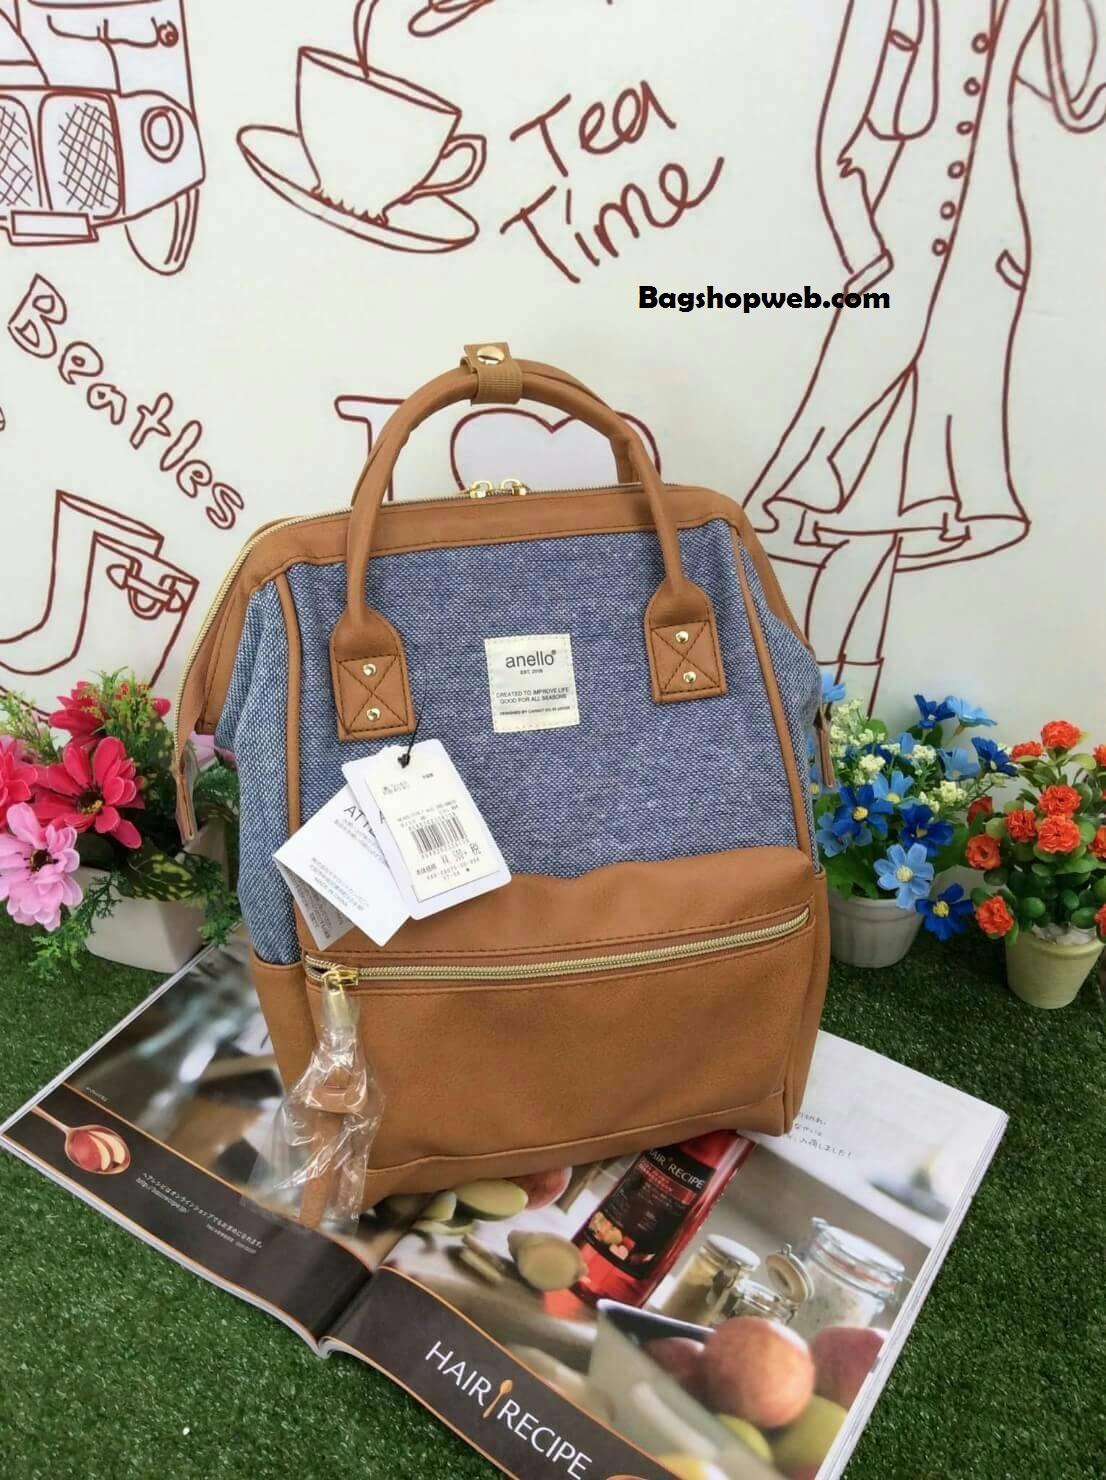 กระเป๋า Anello emporium dark brown( Limited edition หนัง+ผ้า) ขนาดมินิ กำลังดี